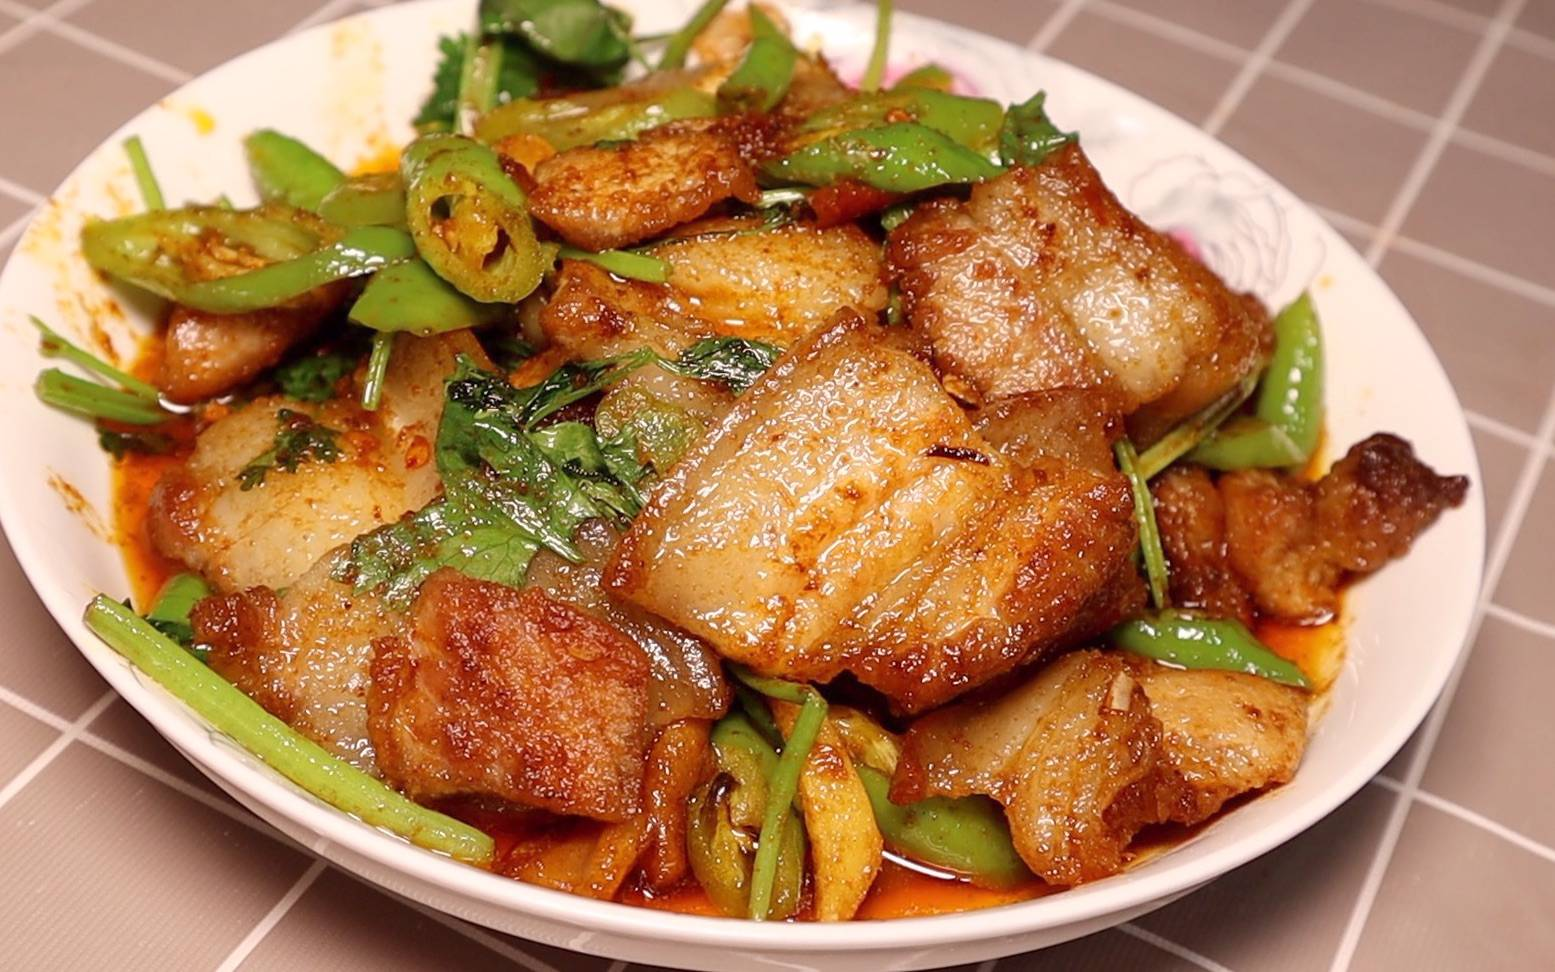 原来正宗的小炒肉是这样做, 大厨教你几个小技巧, 每一步都很实用